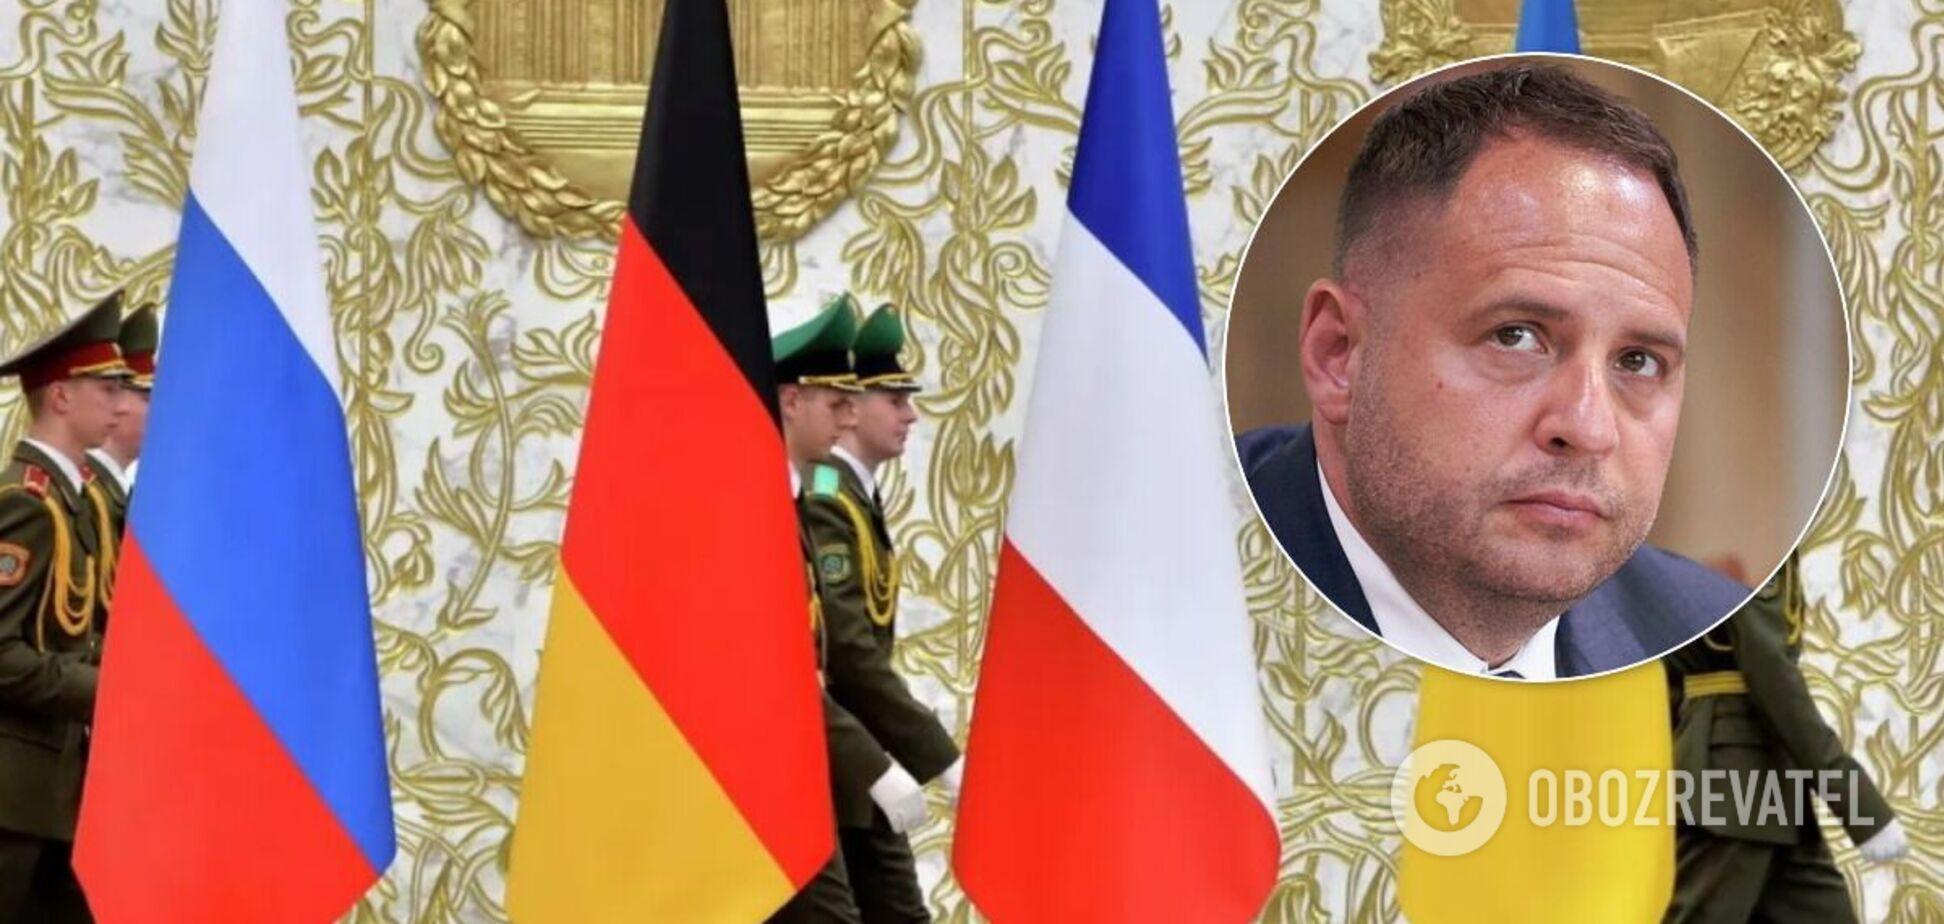 Советники 'нормандской четверки' провели новые переговоры по Донбассу